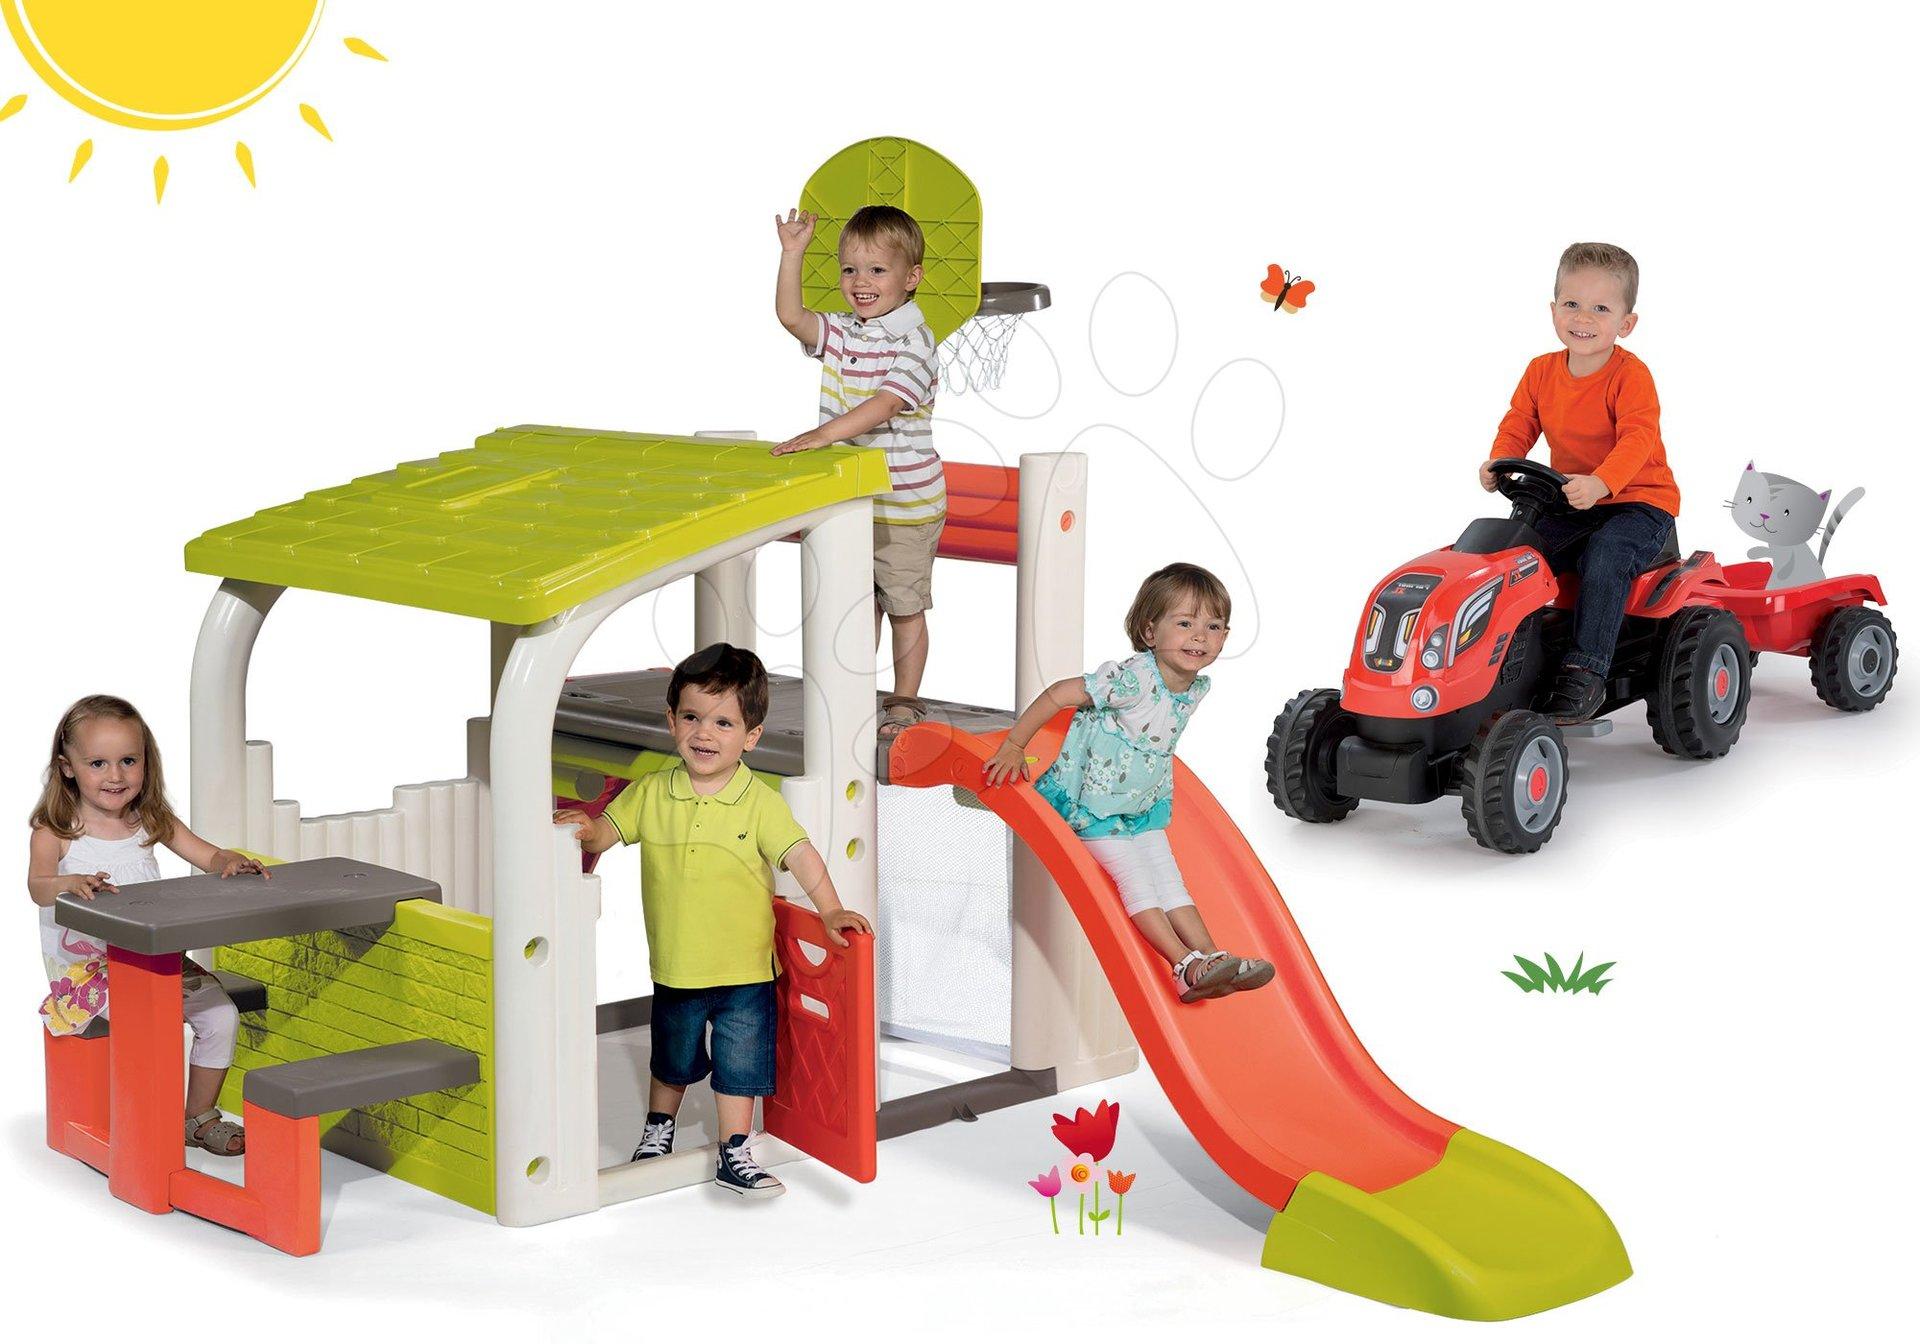 Szett játszótér Fun Center Smoby csúszdával hossza 150 cm és traktor Farmer XL pótkocsival piros